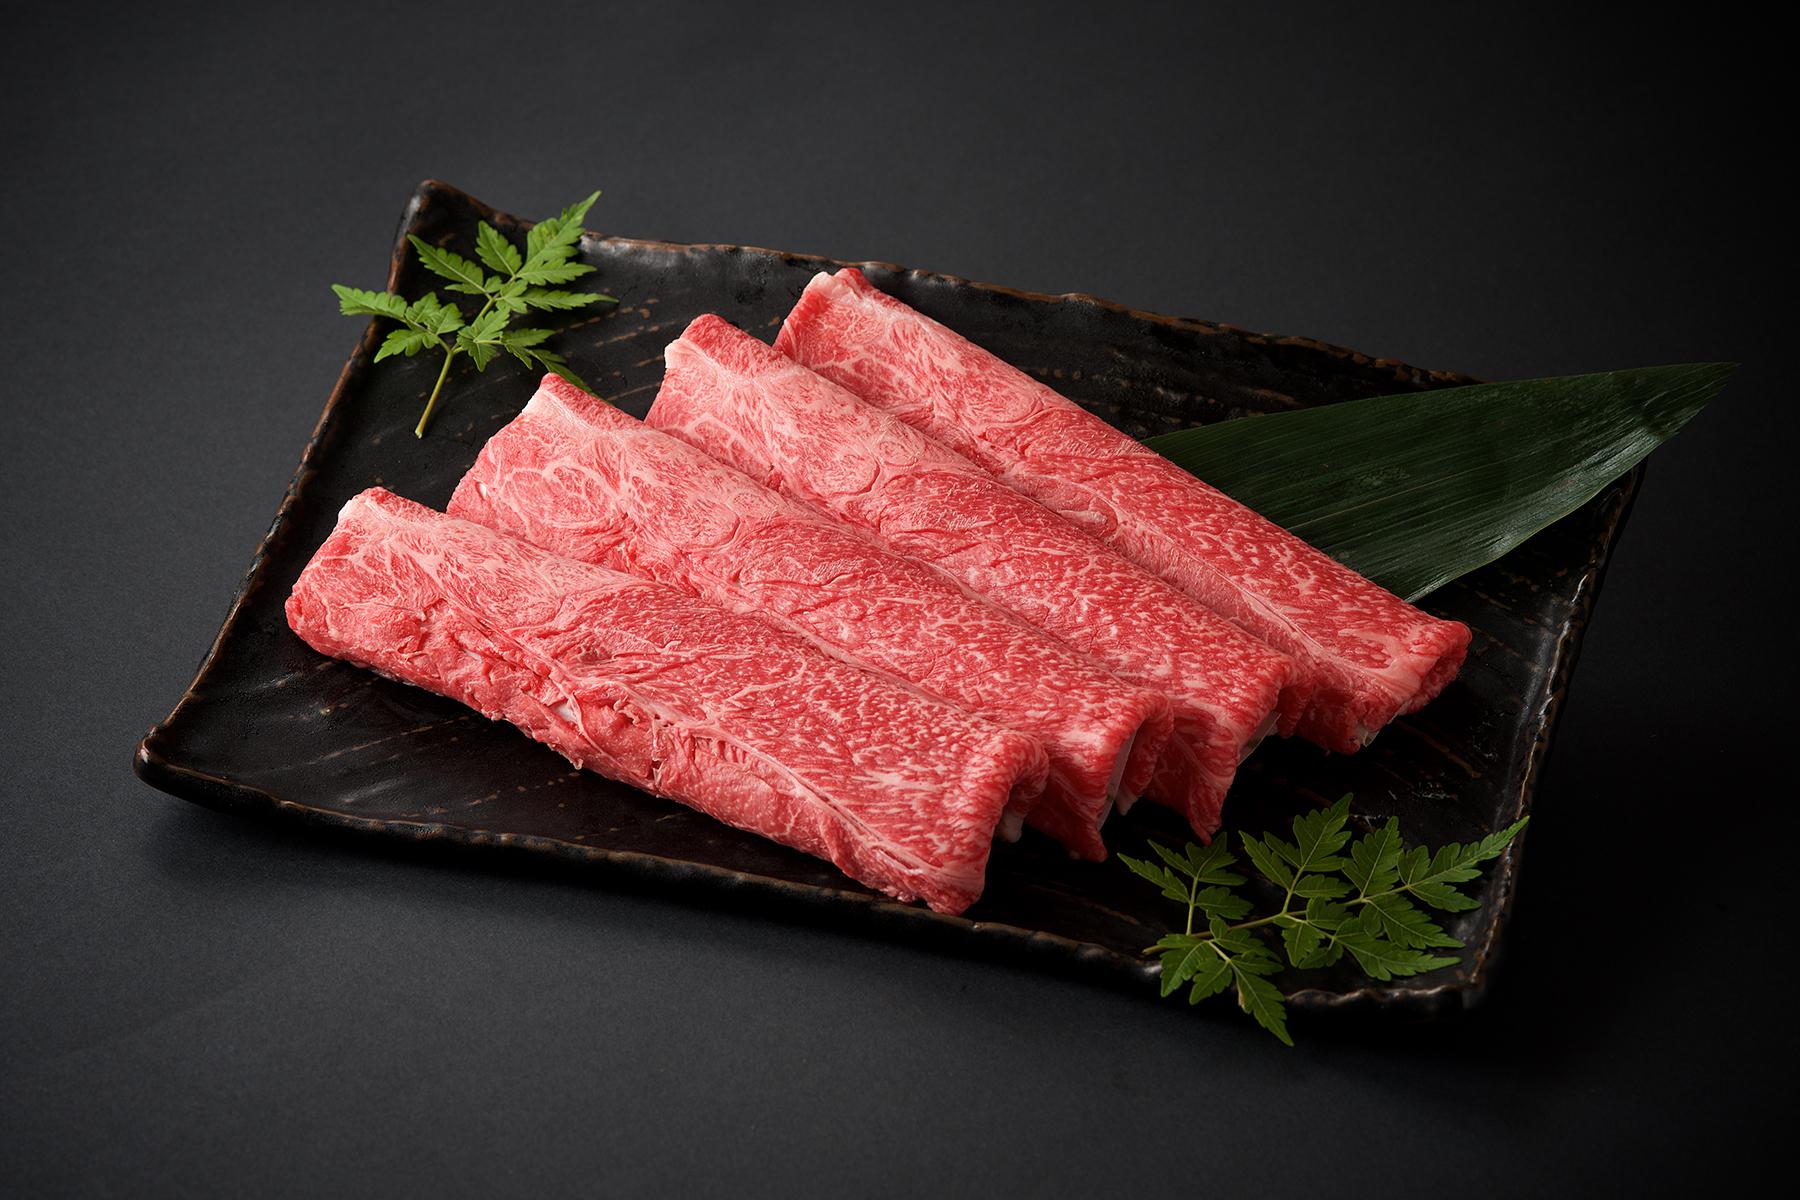 九州産黒毛和牛モモカタしゃぶしゃぶ用/100g(700)